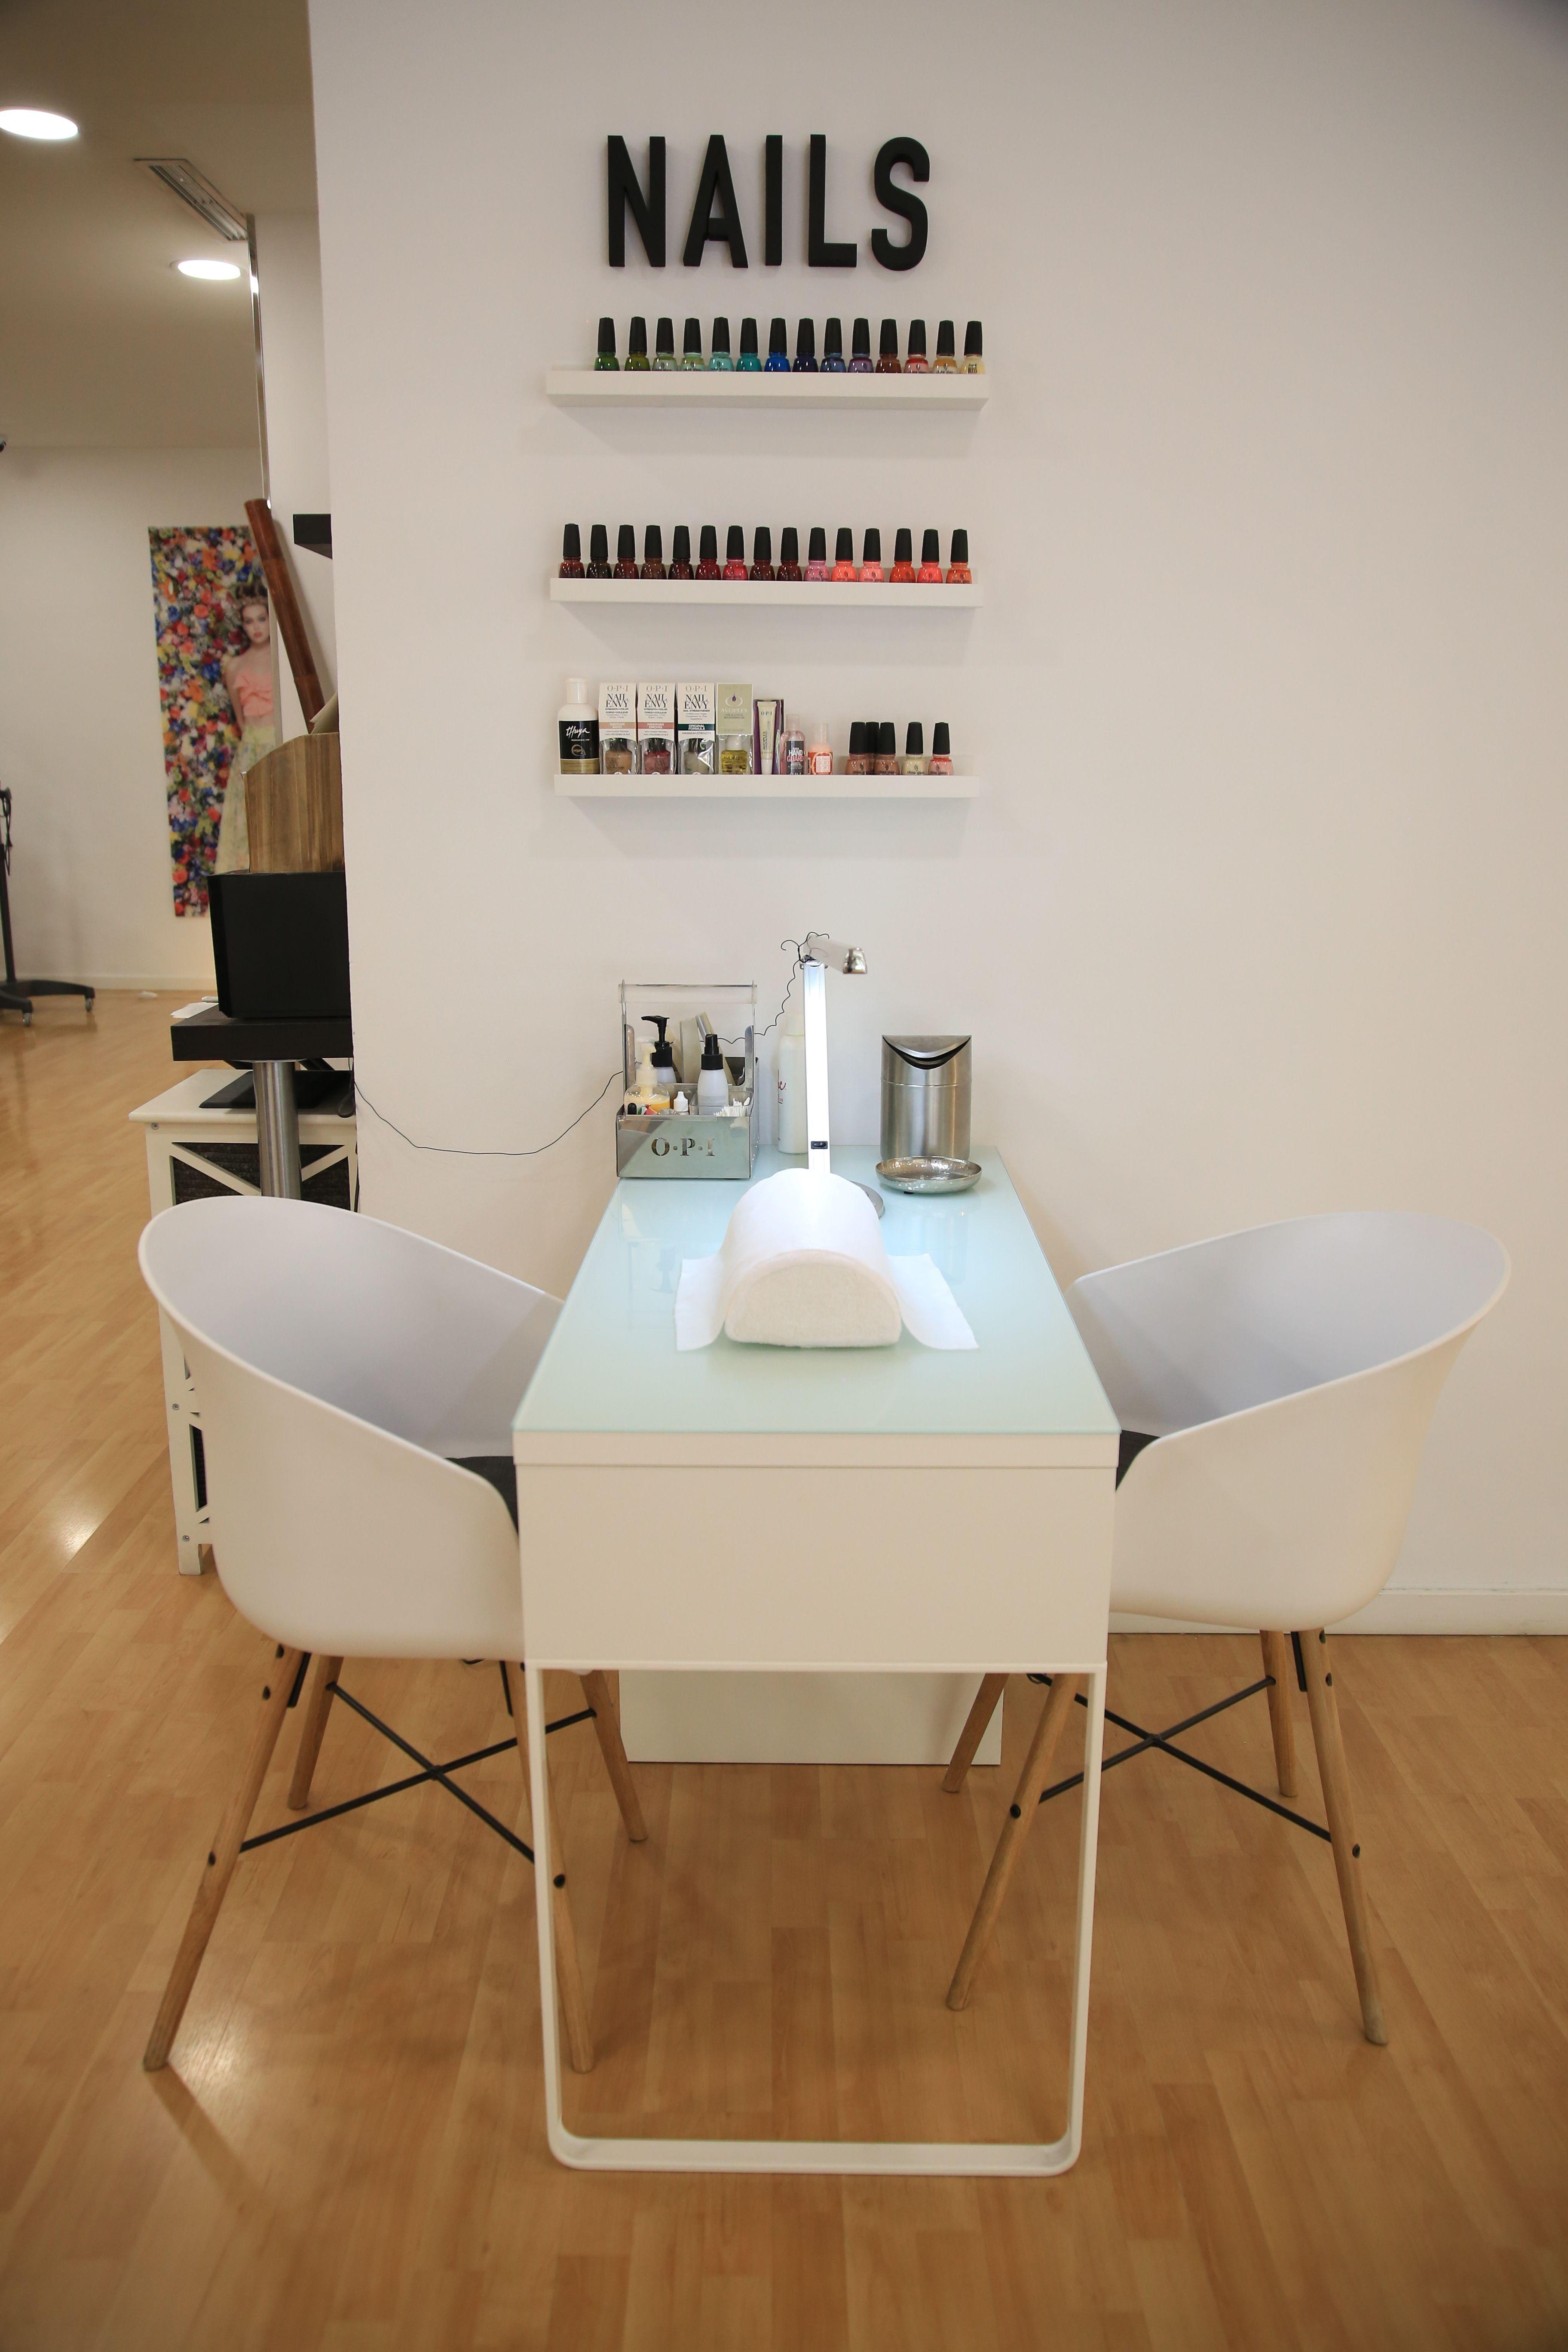 Area Nails En Salones Gregorio Porras De Cordoba Peluqueria Y Estetica Area Cordoba Estetica Gregorio